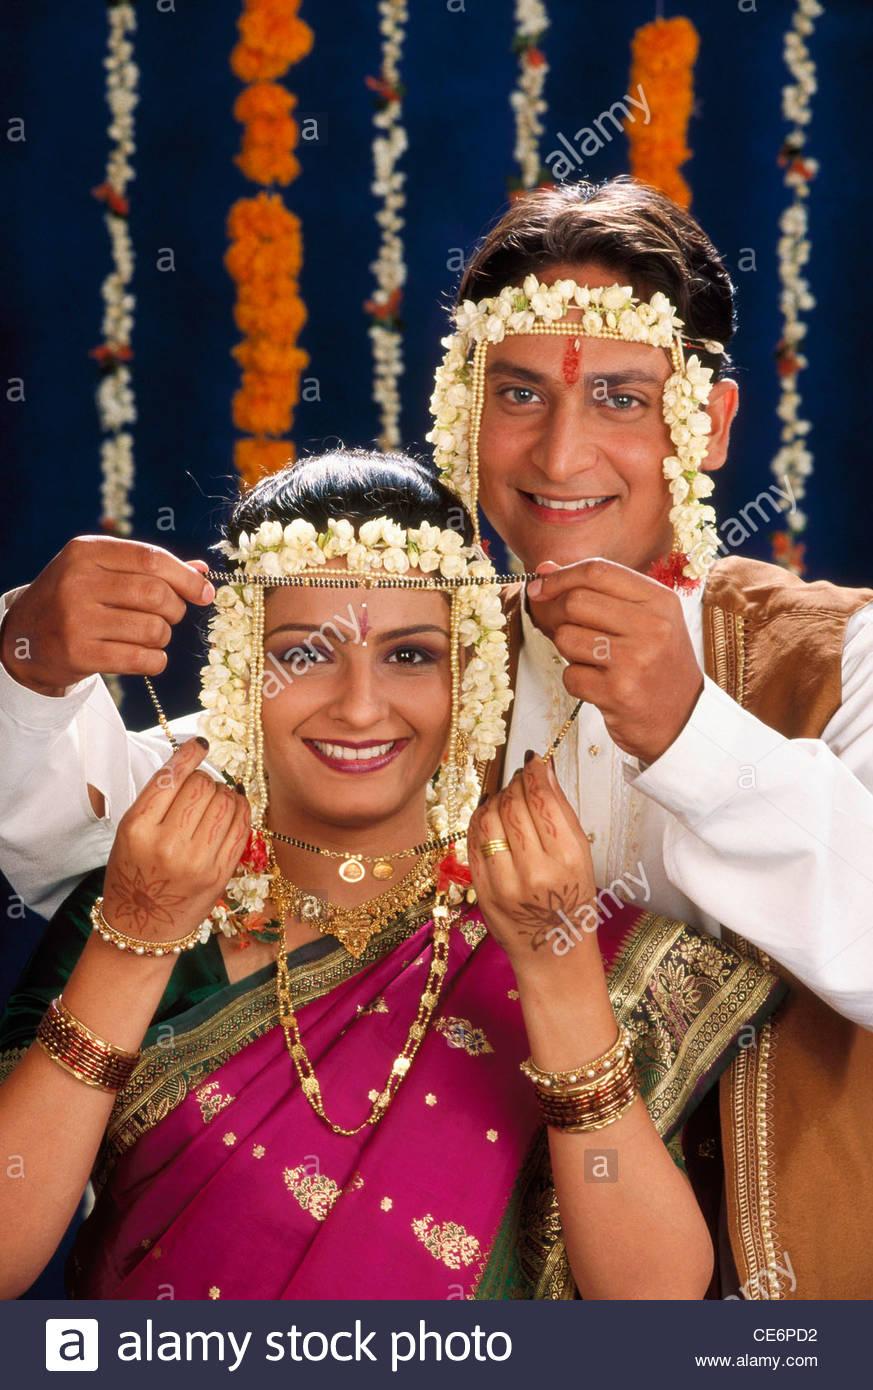 Indische Maharashtrian Brautigam Braut In Hindu Hochzeitszeremonie